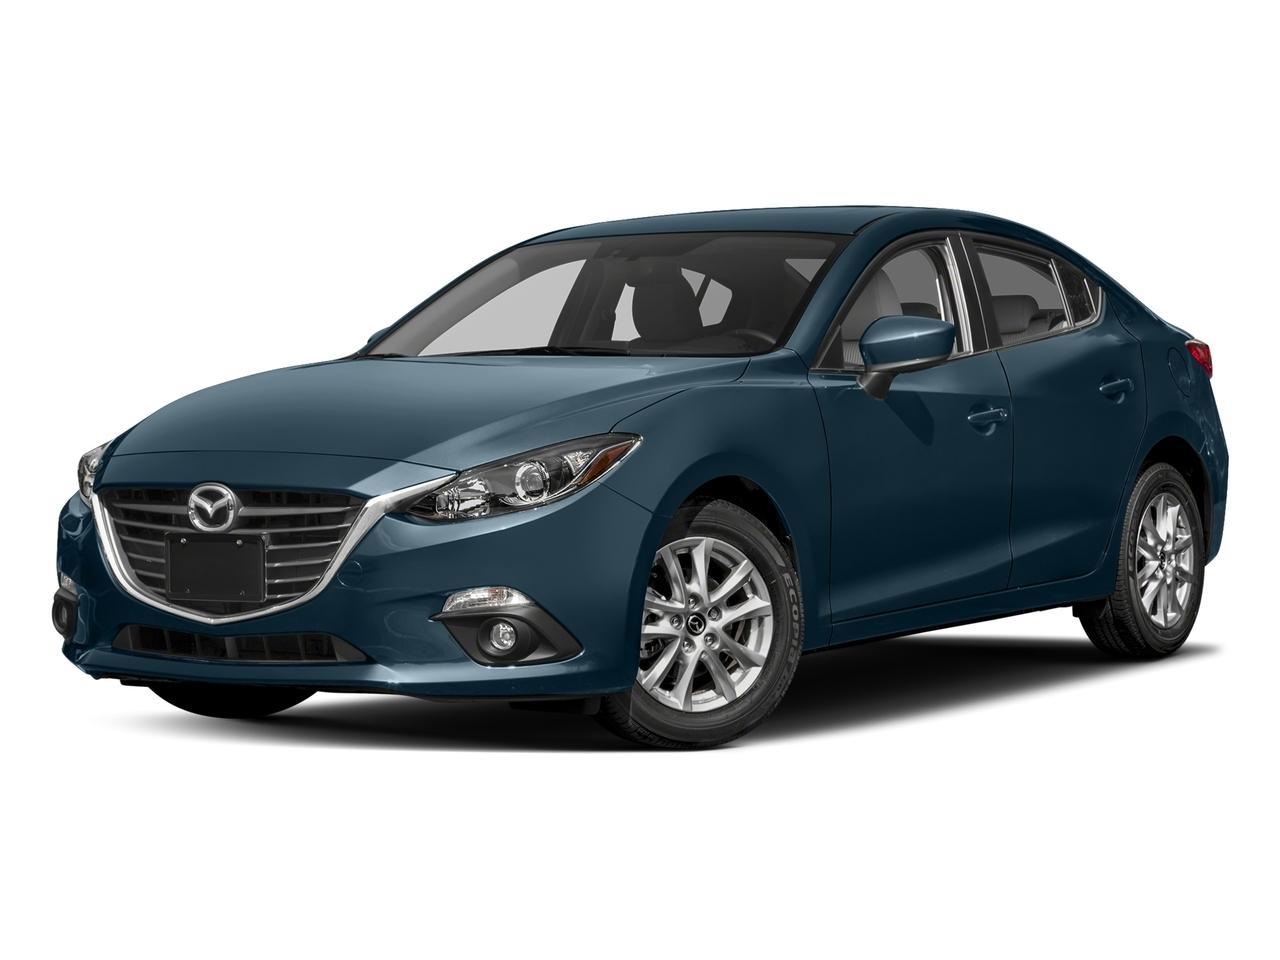 2016 Mazda Mazda3 Vehicle Photo in Temple, TX 76502